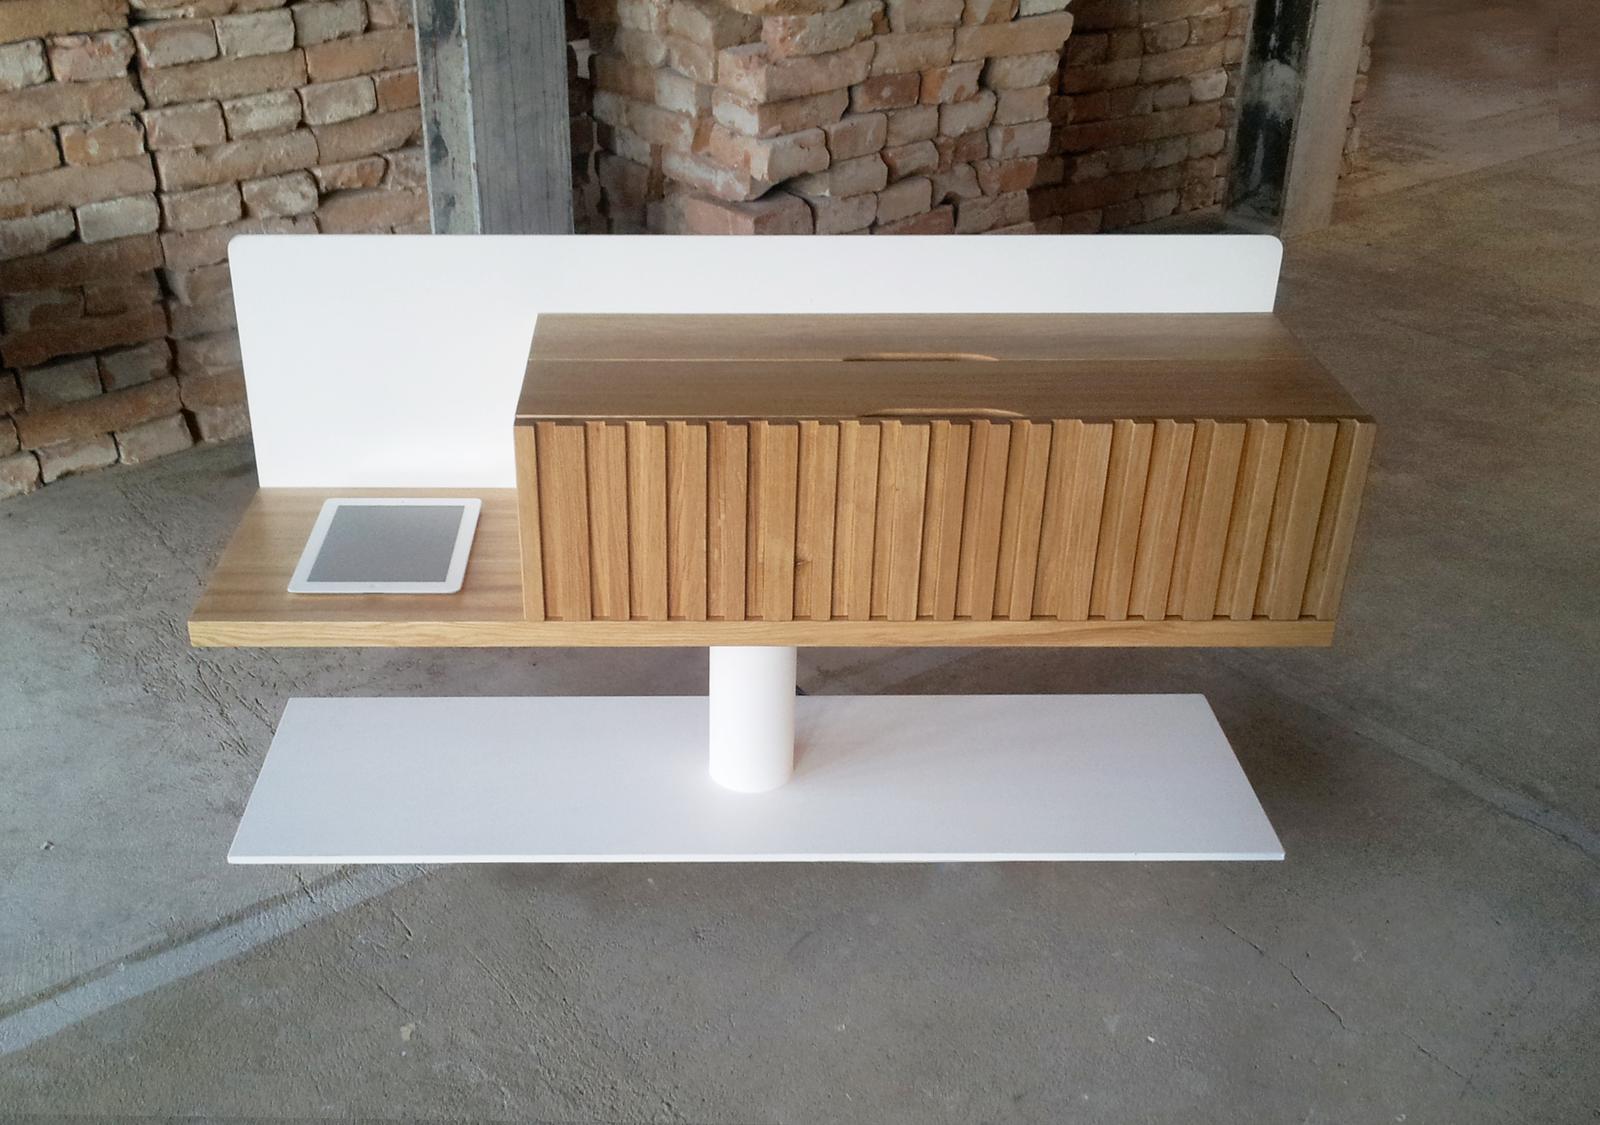 Dizajn a výroba nábytku na mieru Cubica - Skrinka media box - masívny prírodný dub - dizajn a výroba cubica